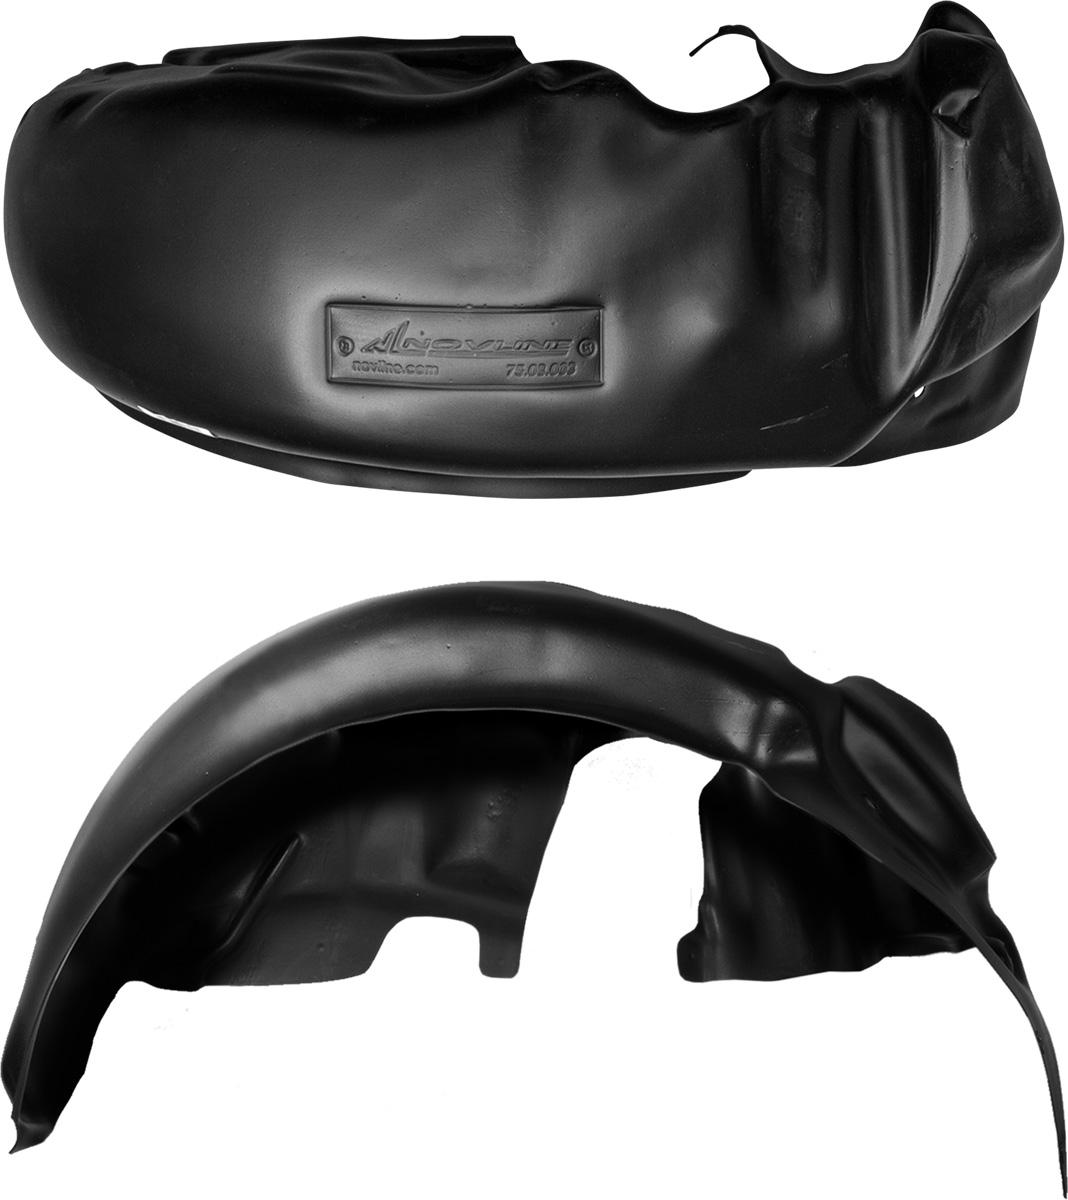 Подкрылок Novline-Autofamily, для Mitsubishi Lancer X, 03/2007->, седан, хэтчбек, задний правый1004900000360Колесные ниши - одни из самых уязвимых зон днища вашего автомобиля. Они постоянно подвергаются воздействию со стороны дороги. Лучшая, почти абсолютная защита для них - специально отформованные пластиковые кожухи, которые называются подкрылками. Производятся они как для отечественных моделей автомобилей, так и для иномарок. Подкрылки Novline-Autofamily выполнены из высококачественного, экологически чистого пластика. Обеспечивают надежную защиту кузова автомобиля от пескоструйного эффекта и негативного влияния, агрессивных антигололедных реагентов. Пластик обладает более низкой теплопроводностью, чем металл, поэтому в зимний период эксплуатации использование пластиковых подкрылков позволяет лучше защитить колесные ниши от налипания снега и образования наледи. Оригинальность конструкции подчеркивает элегантность автомобиля, бережно защищает нанесенное на днище кузова антикоррозийное покрытие и позволяет осуществить крепление подкрылков внутри колесной арки практически без дополнительного крепежа и сверления, не нарушая при этом лакокрасочного покрытия, что предотвращает возникновение новых очагов коррозии. Подкрылки долговечны, обладают высокой прочностью и сохраняют заданную форму, а также все свои физико-механические характеристики в самых тяжелых климатических условиях (от -50°С до +50°С).Уважаемые клиенты!Обращаем ваше внимание, на тот факт, что подкрылок имеет форму, соответствующую модели данного автомобиля. Фото служит для визуального восприятия товара.